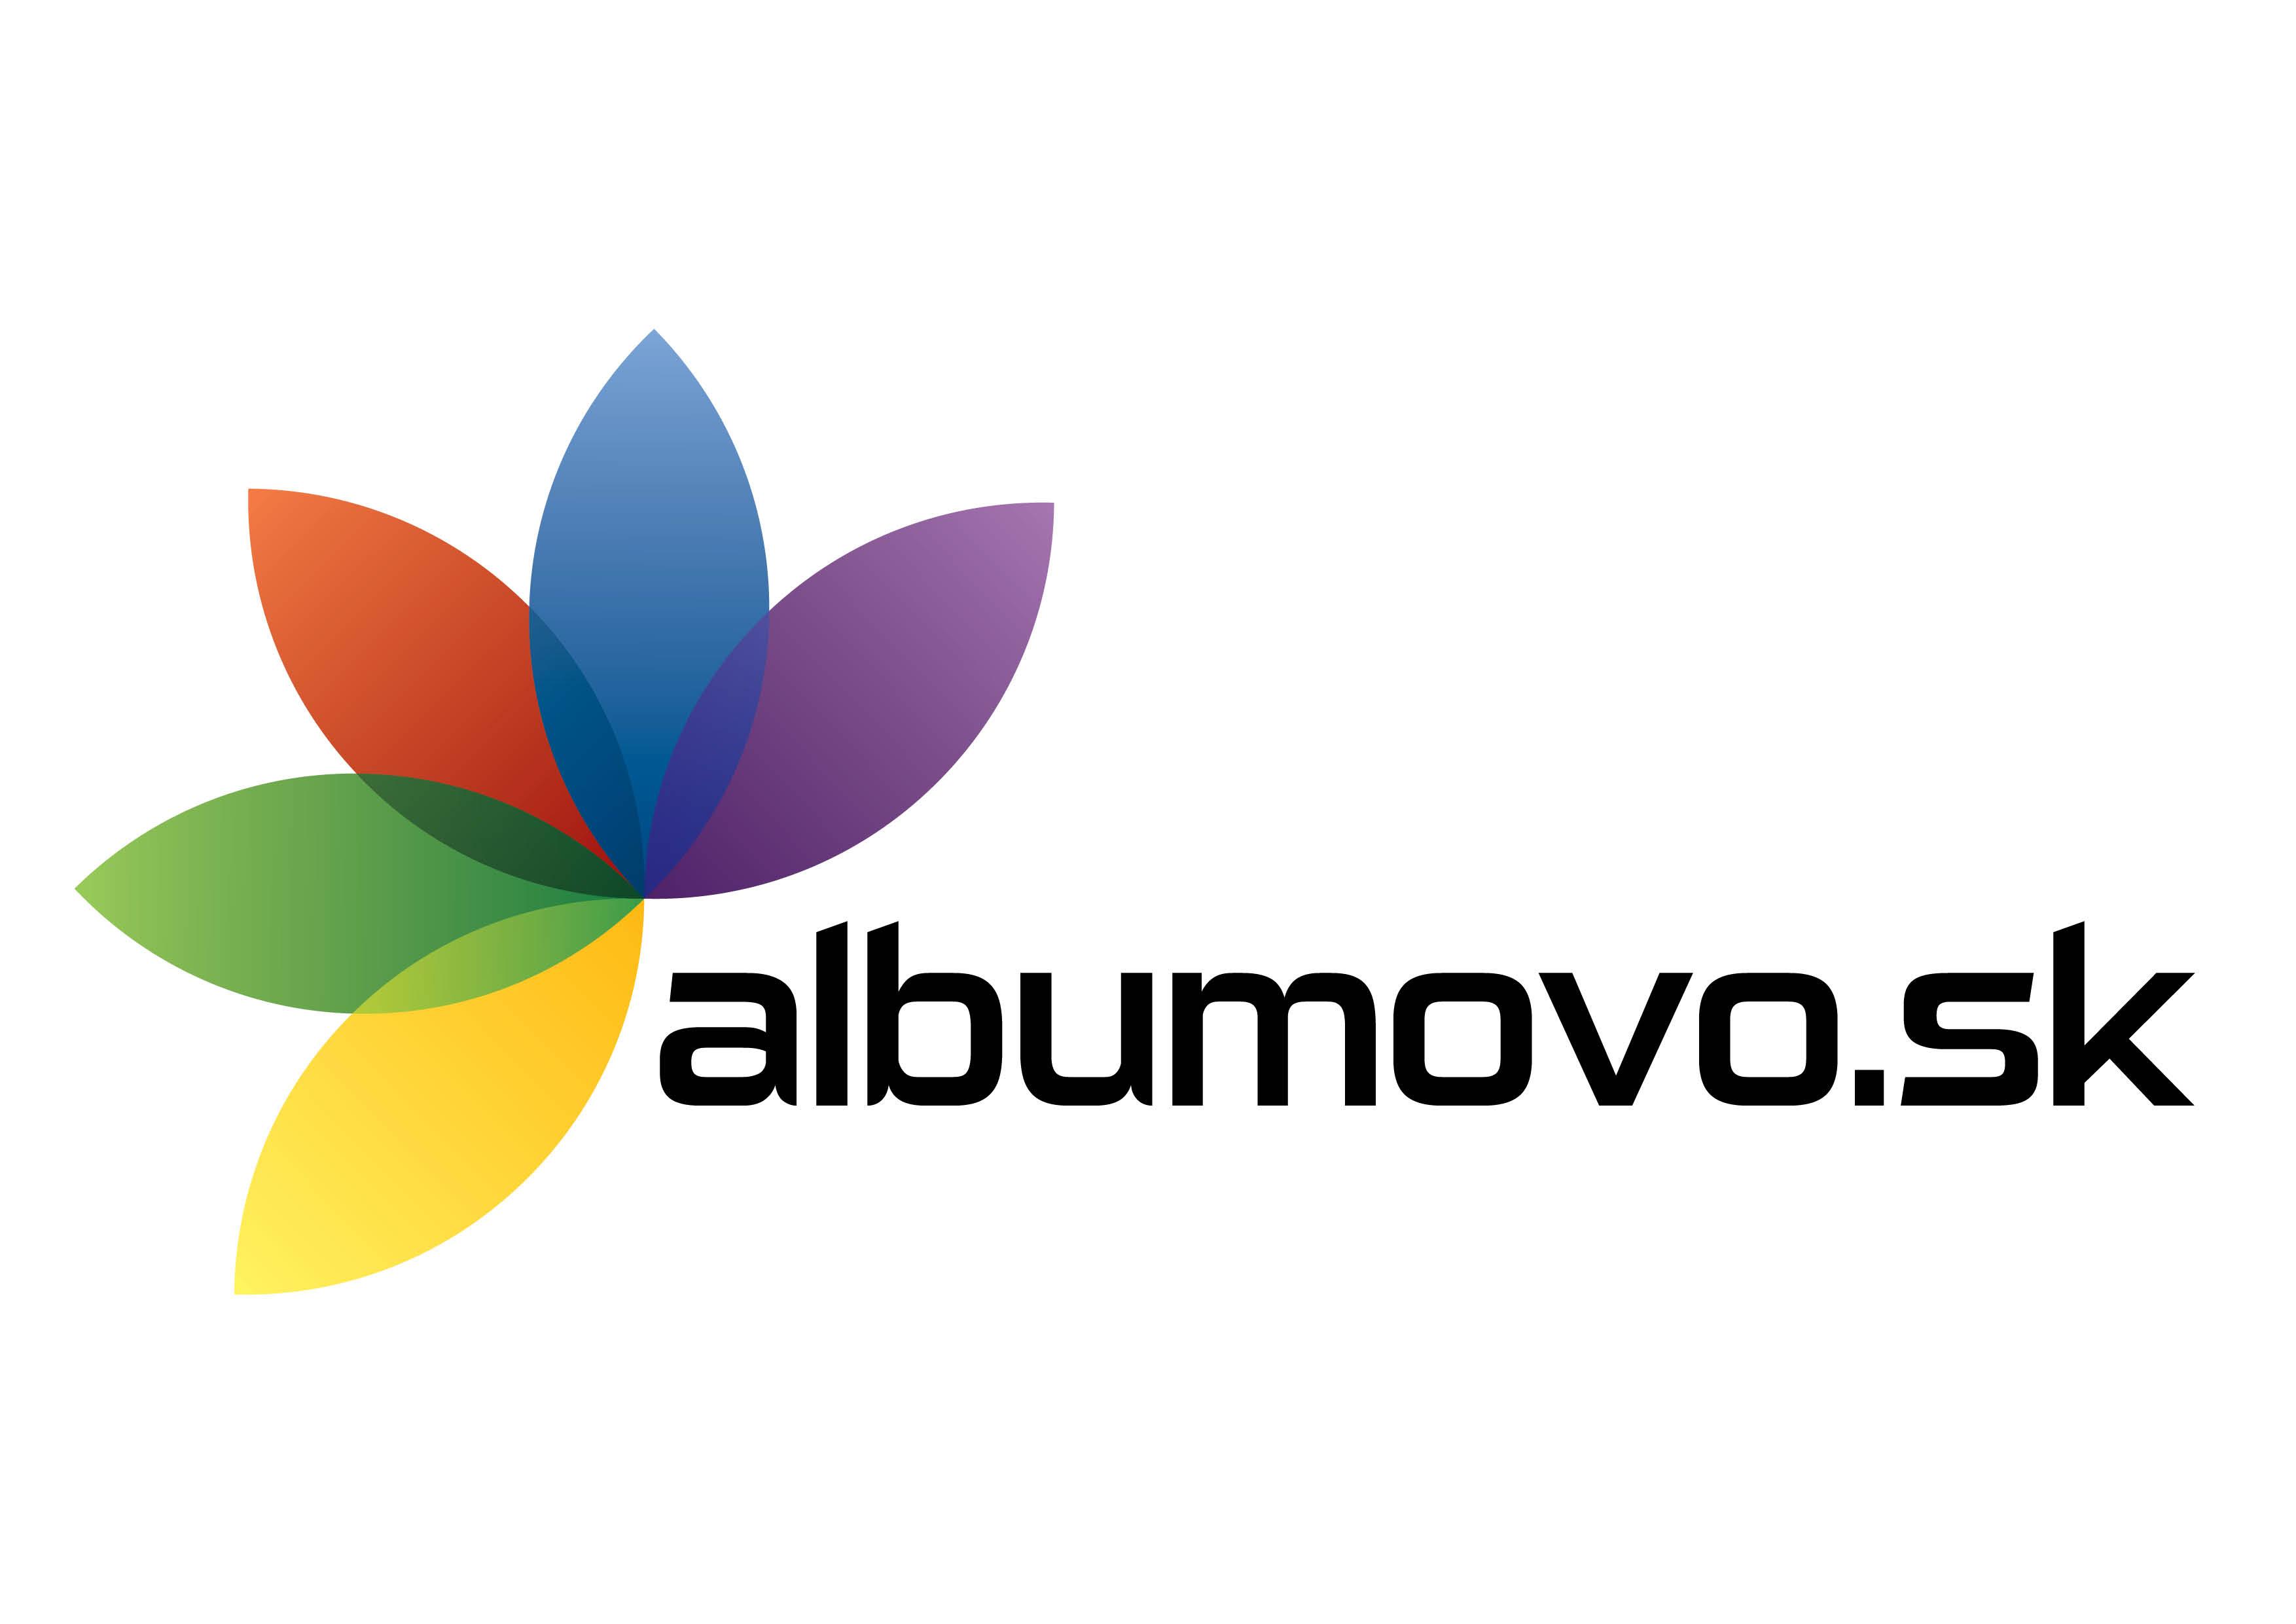 www.albumovo.sk